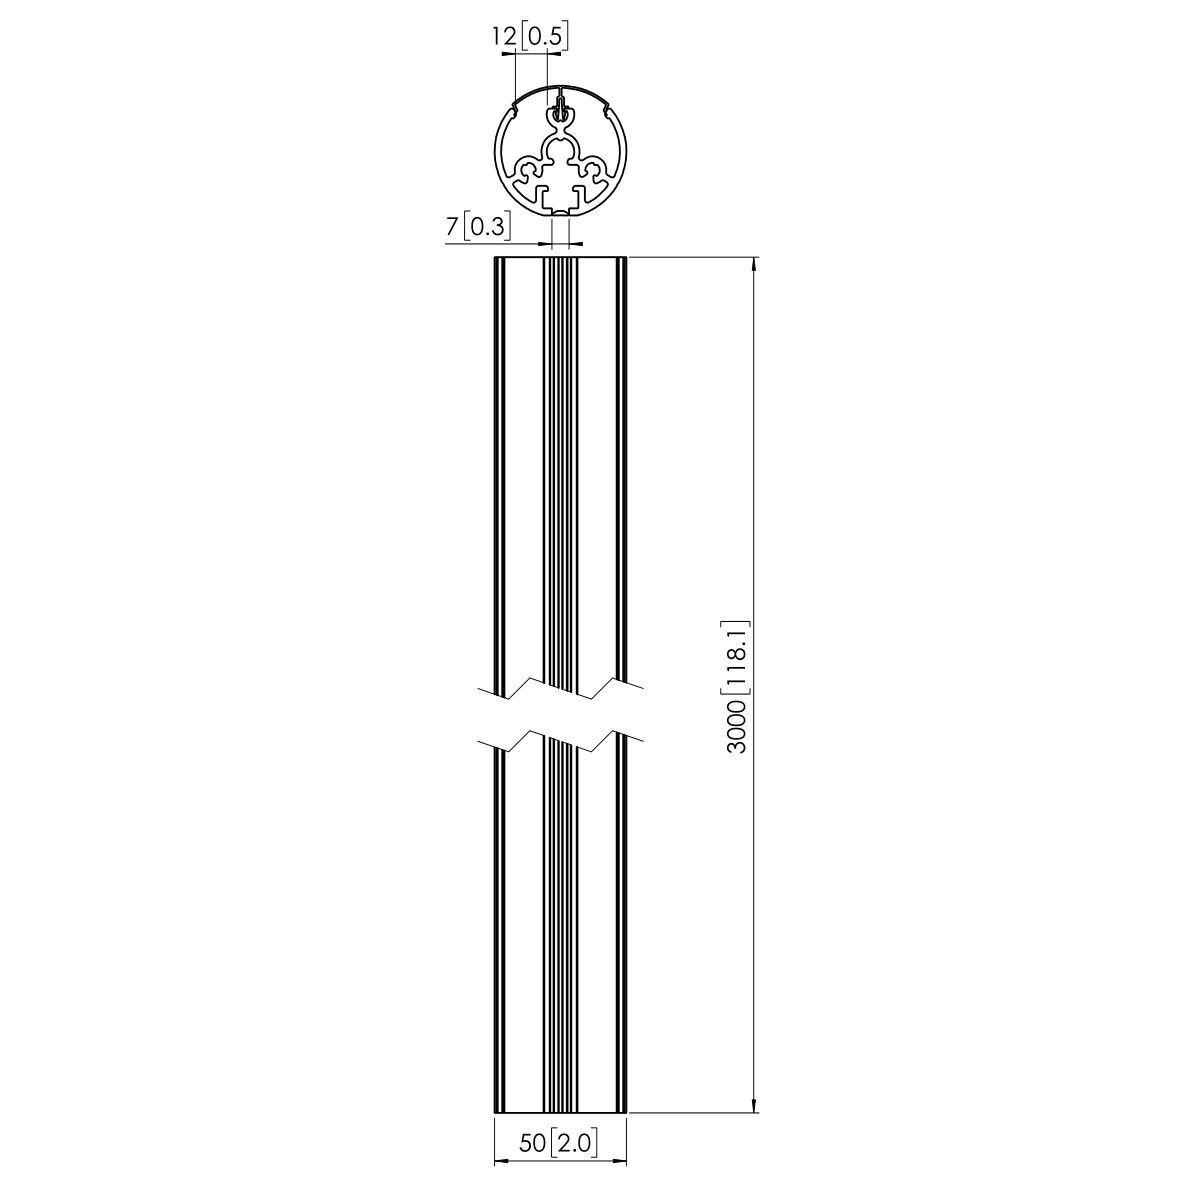 Vogel's PUC 2130 Pole 300 cm - Dimensions